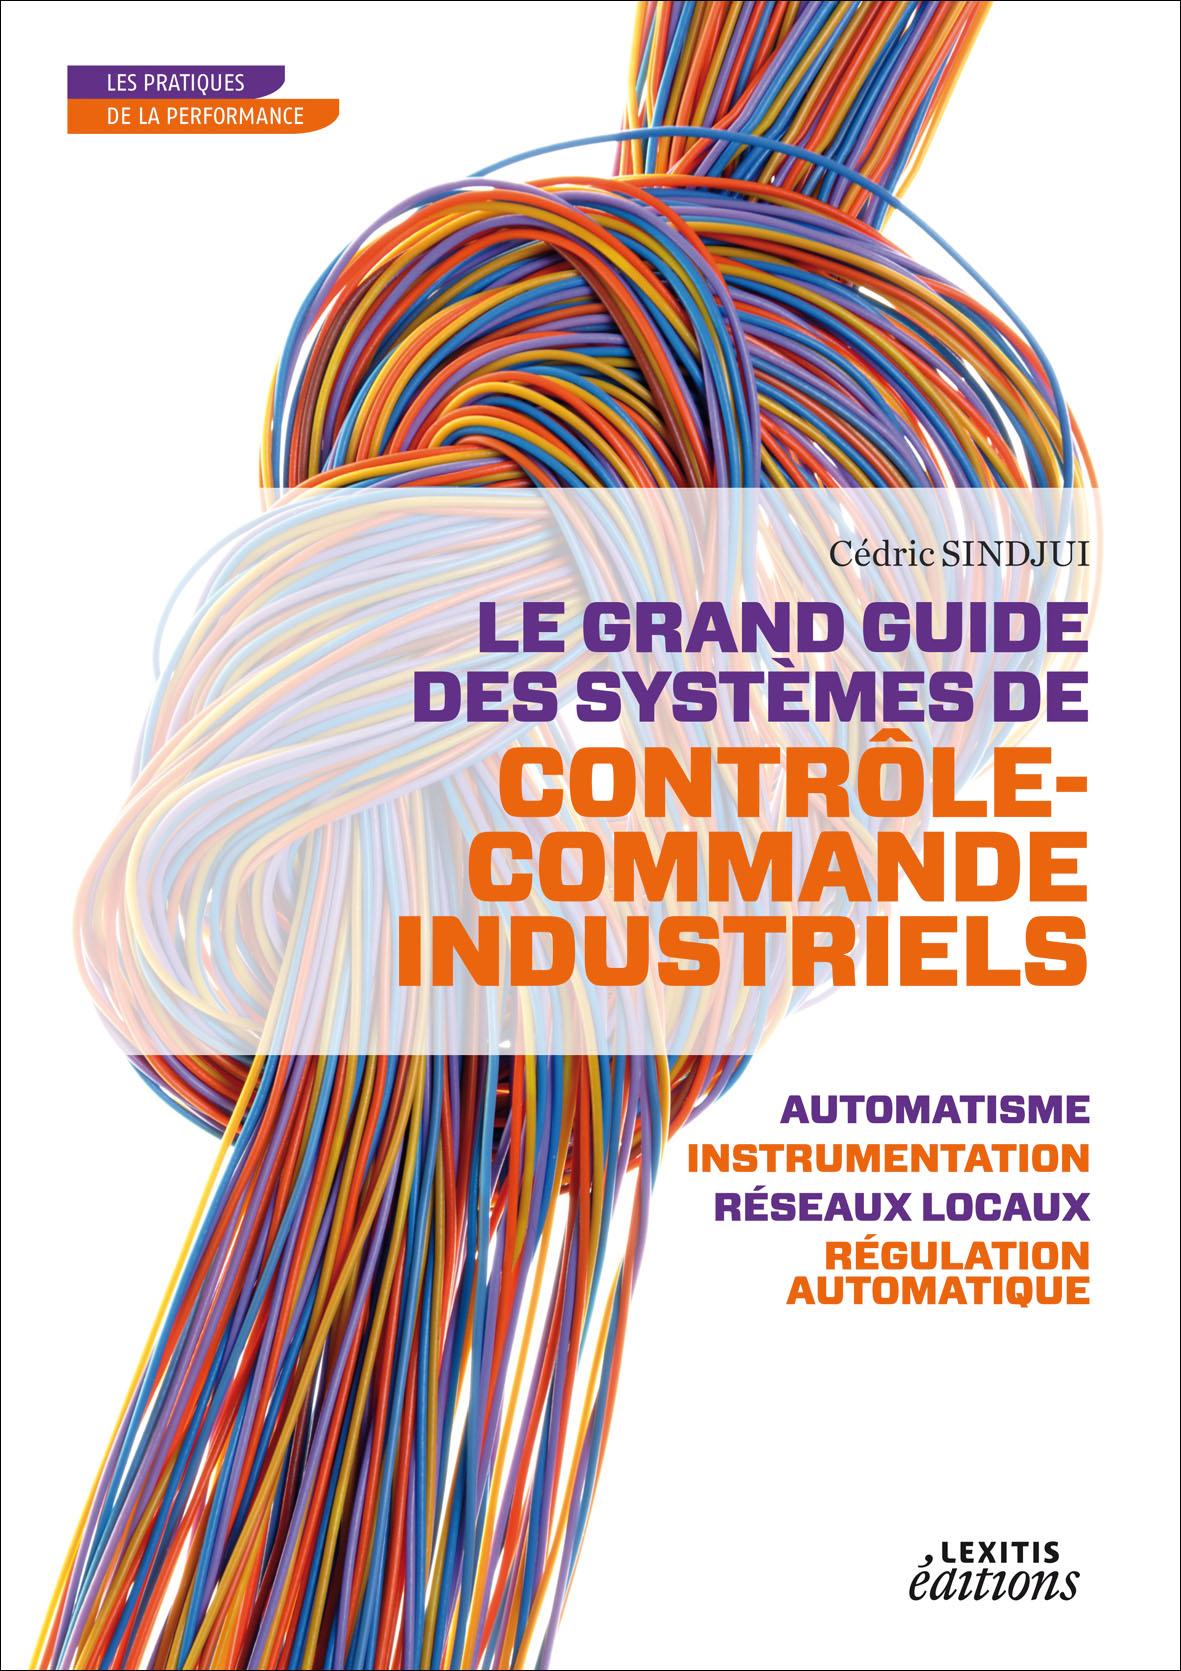 Le Grand Guide Des Systèmes De Contrôle Commande Industriels